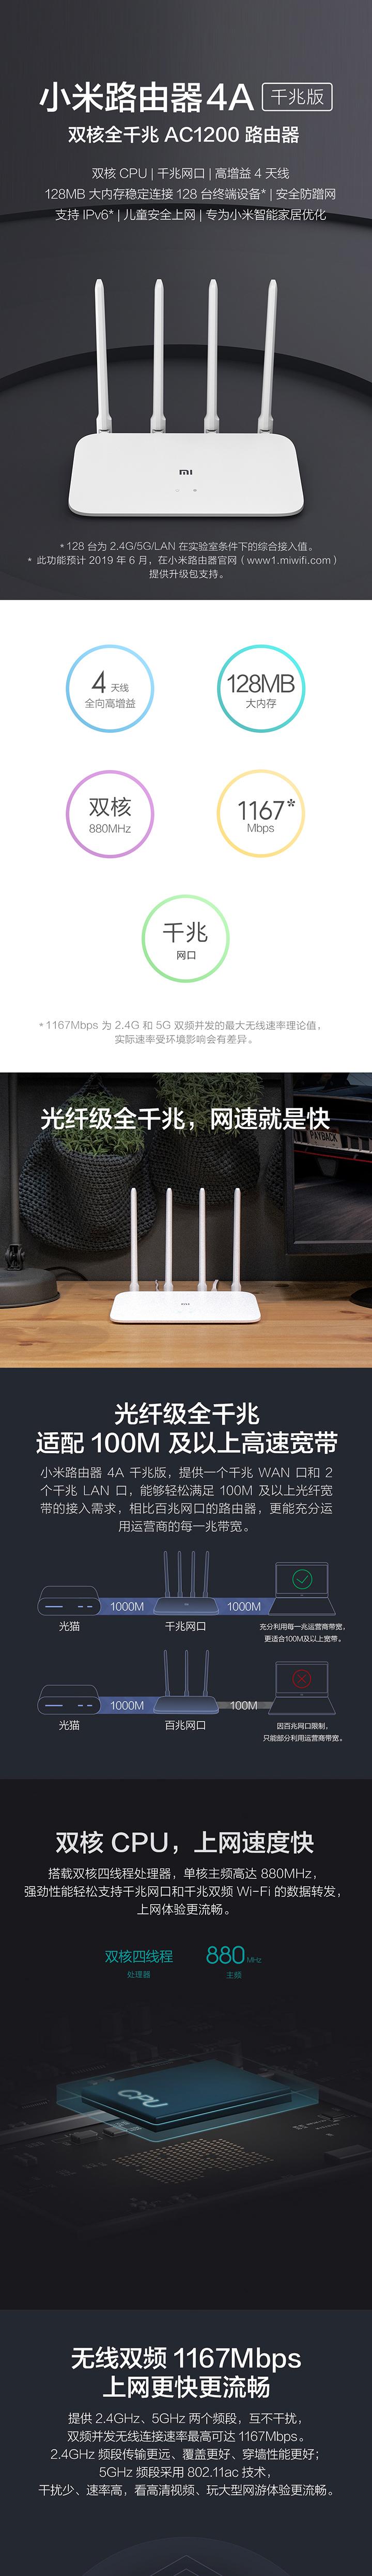 【轻体验】小米路由器4A千兆版免费试用,评测